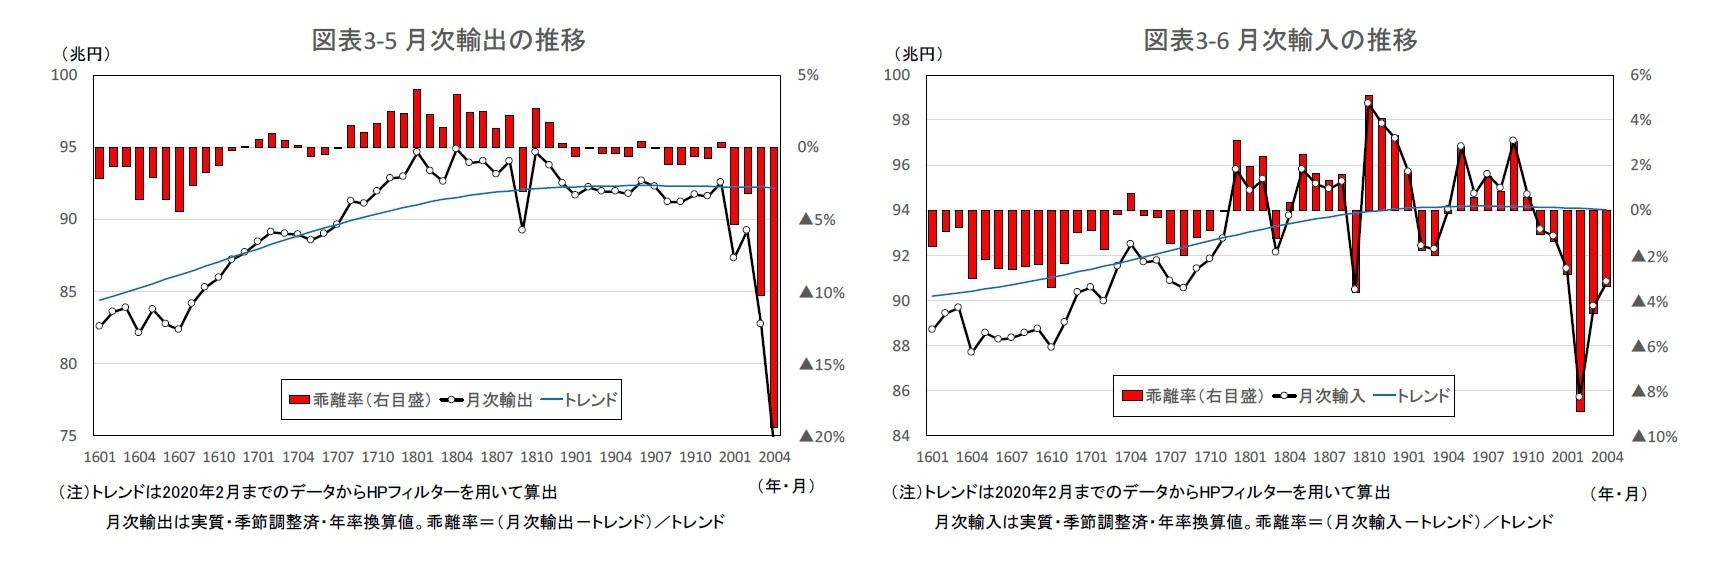 図表3-5 月次輸出の推移/図表3-6 月次輸入の推移